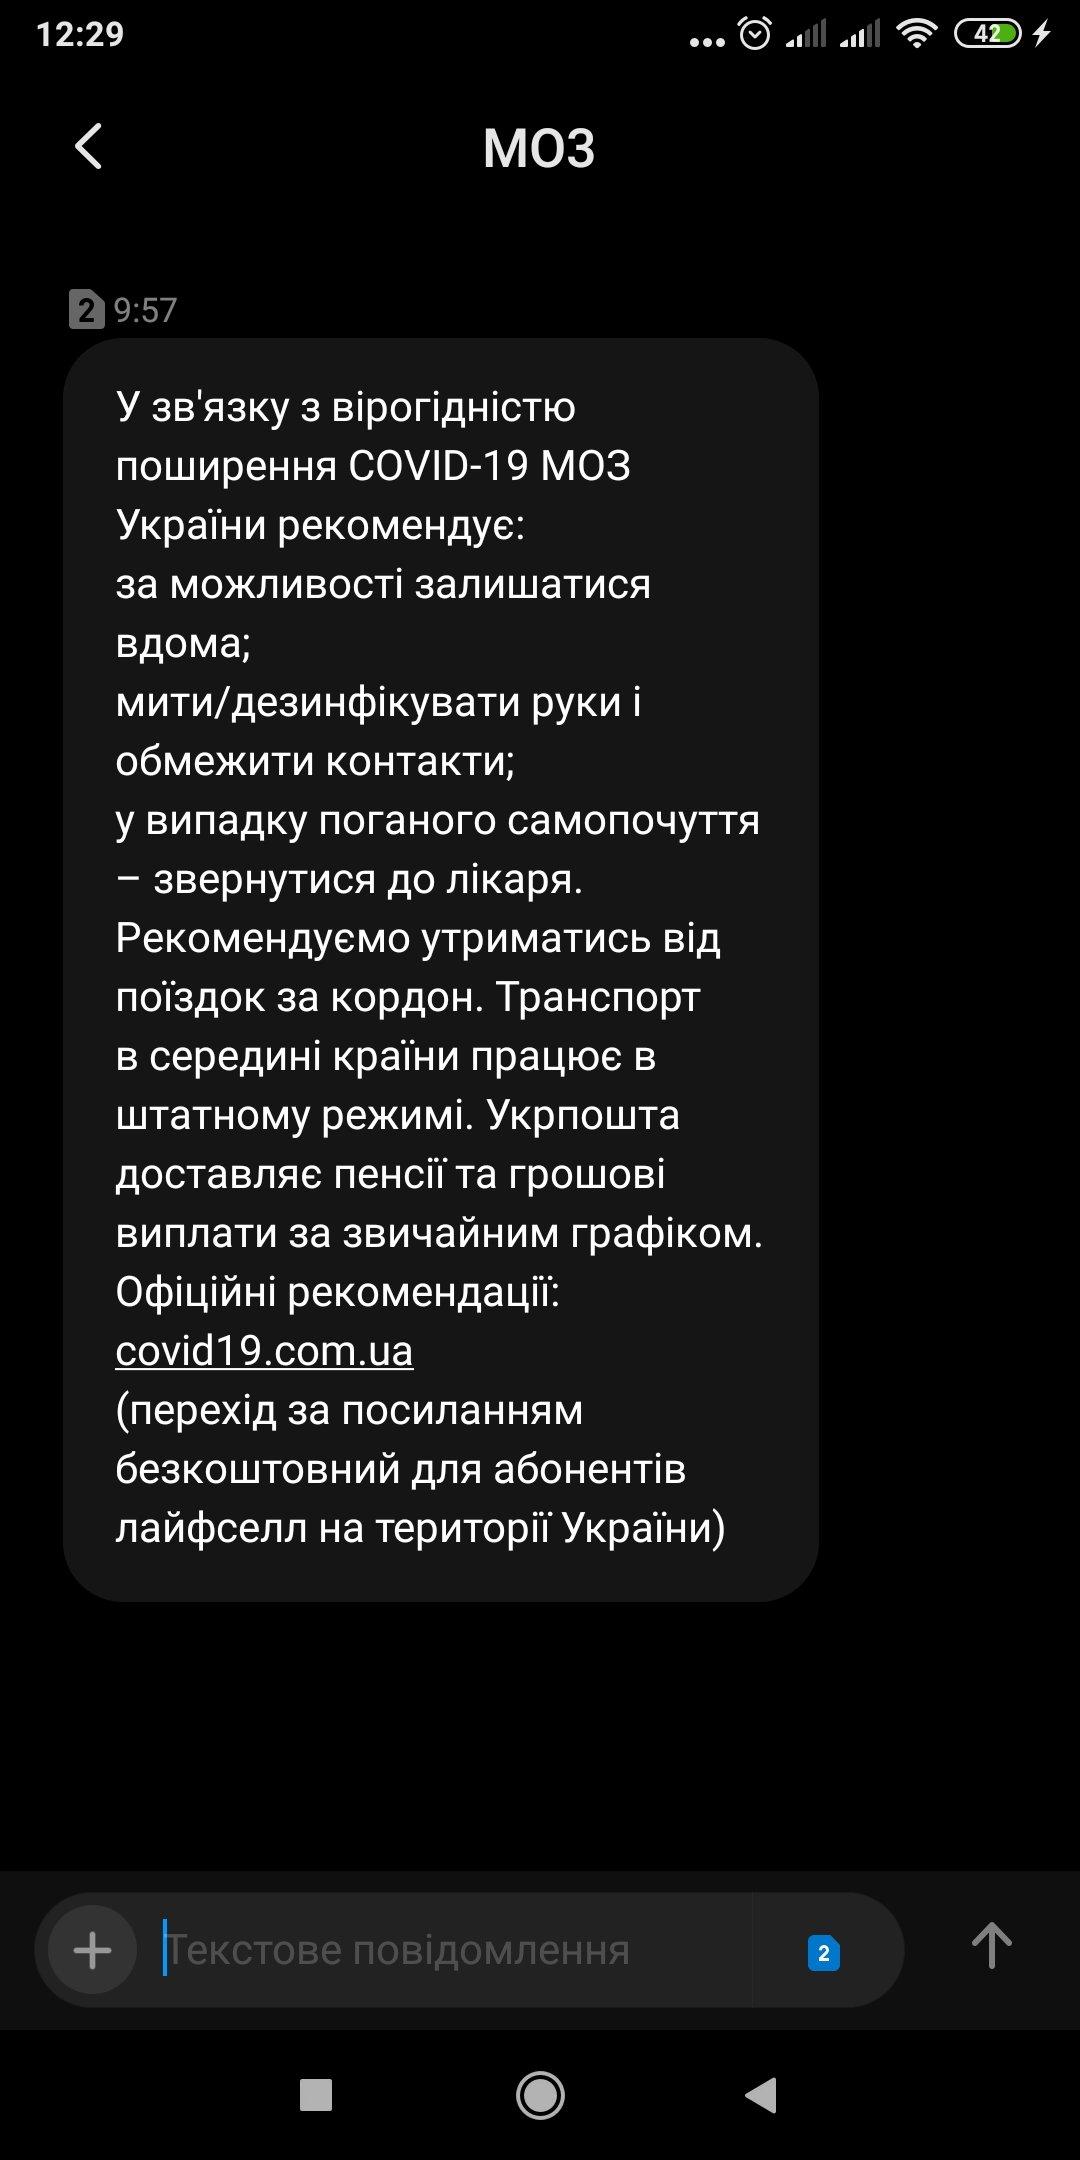 информировать о коронавирусе с помощью SMS